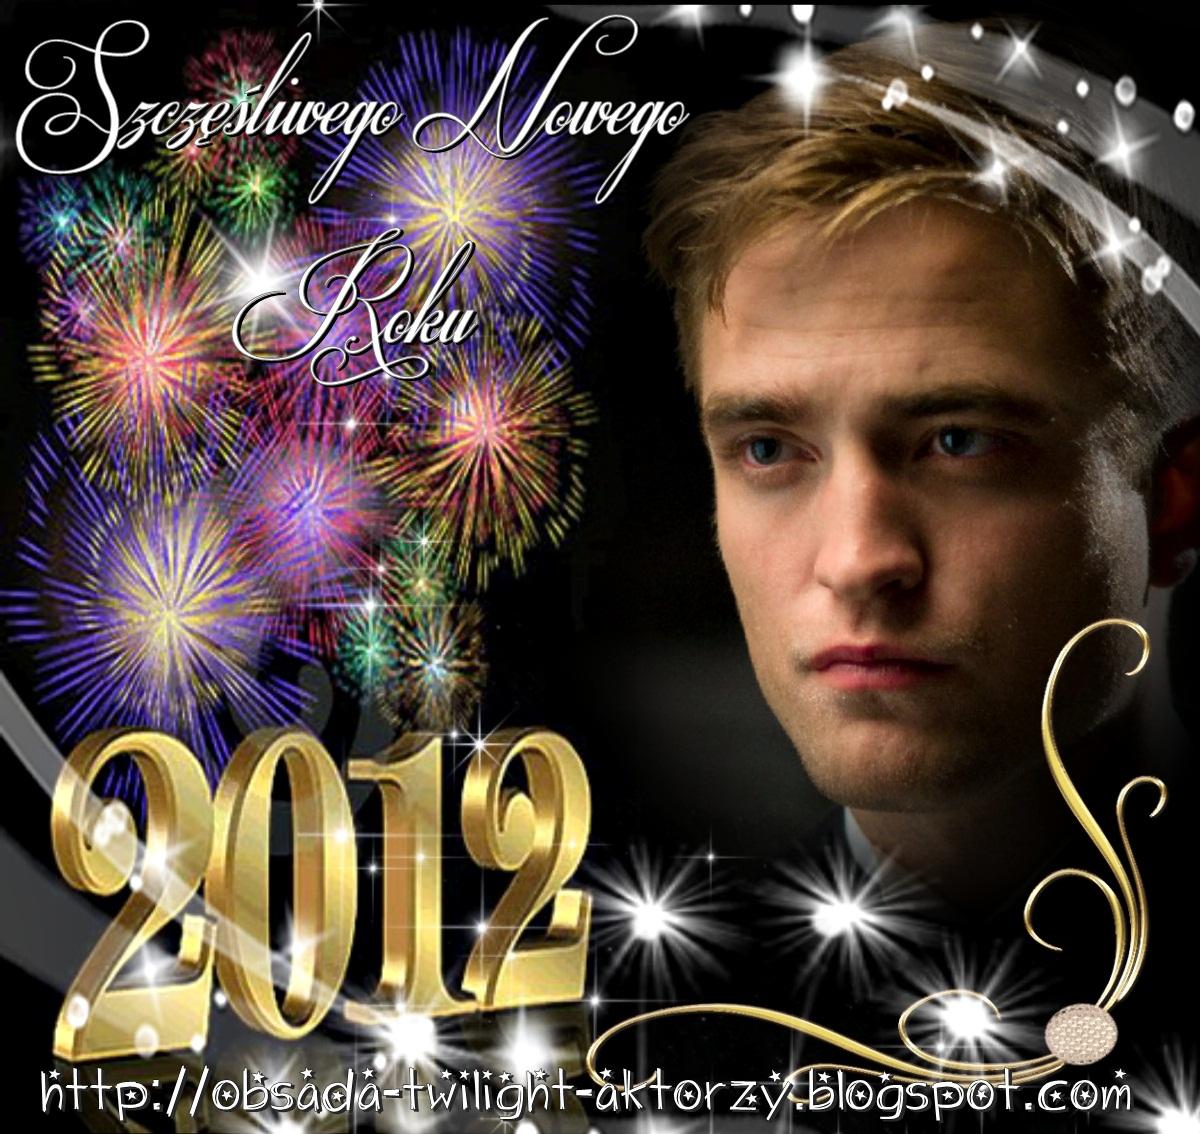 http://1.bp.blogspot.com/-RQBI5tKsEQg/Tv86QjUVKUI/AAAAAAAAERE/5-3C3g4T03M/s1600/KD.+-+New+Year+-+1CvKk-10d+-+print.jpg